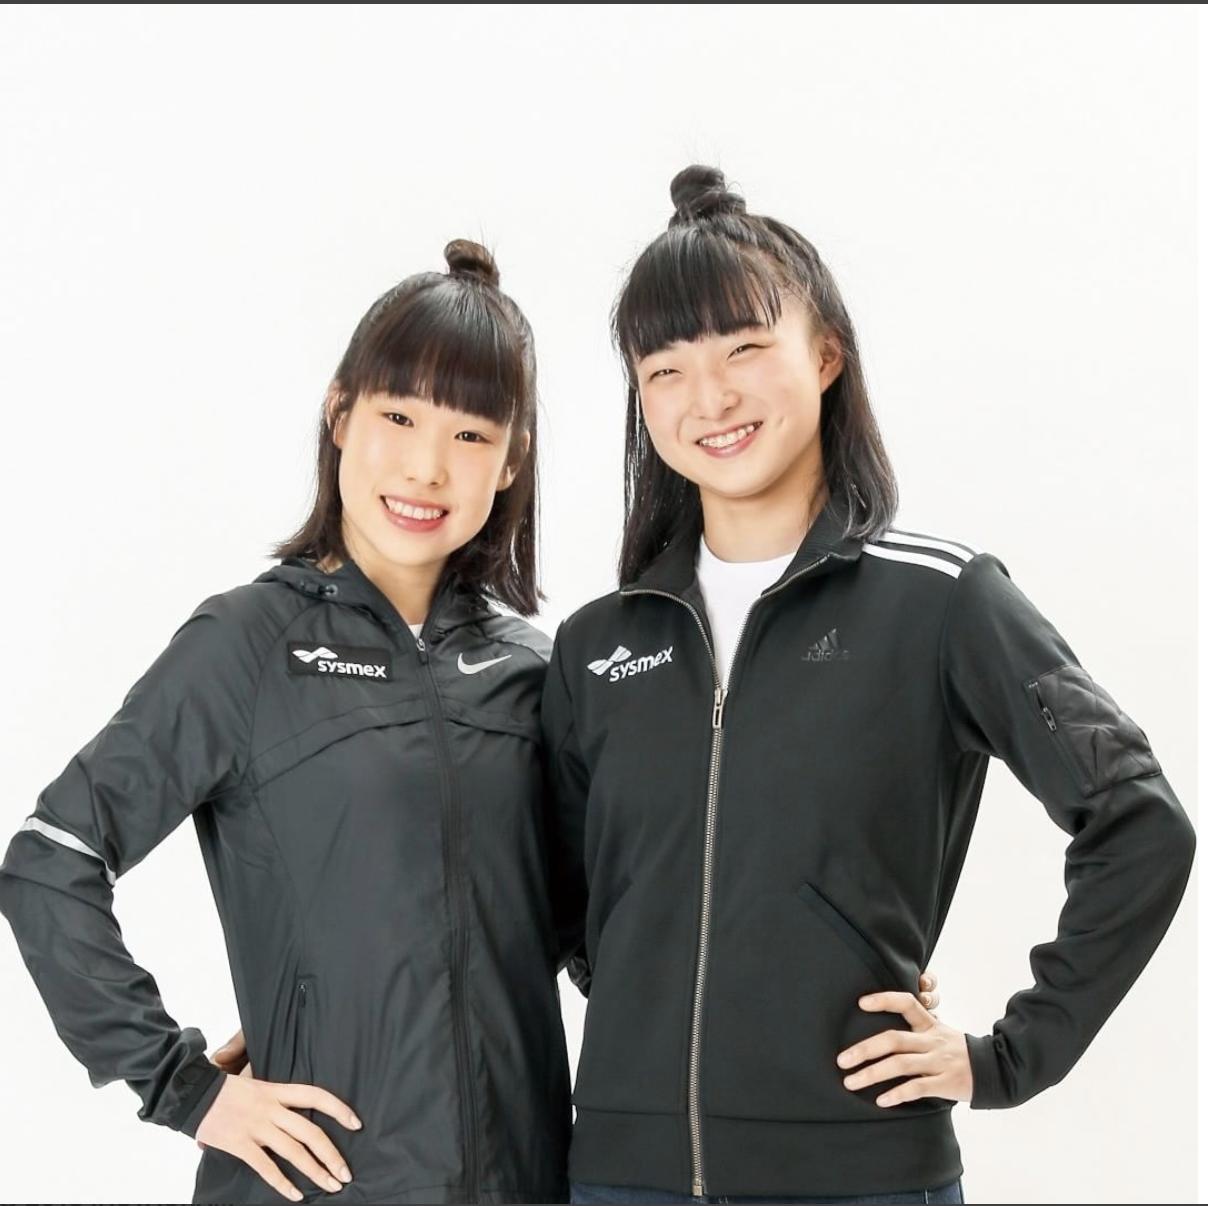 シメックスが坂本花織選手と三原舞依選手2人の公式Instagramのアカウントを解説!同じ髪型だ!w